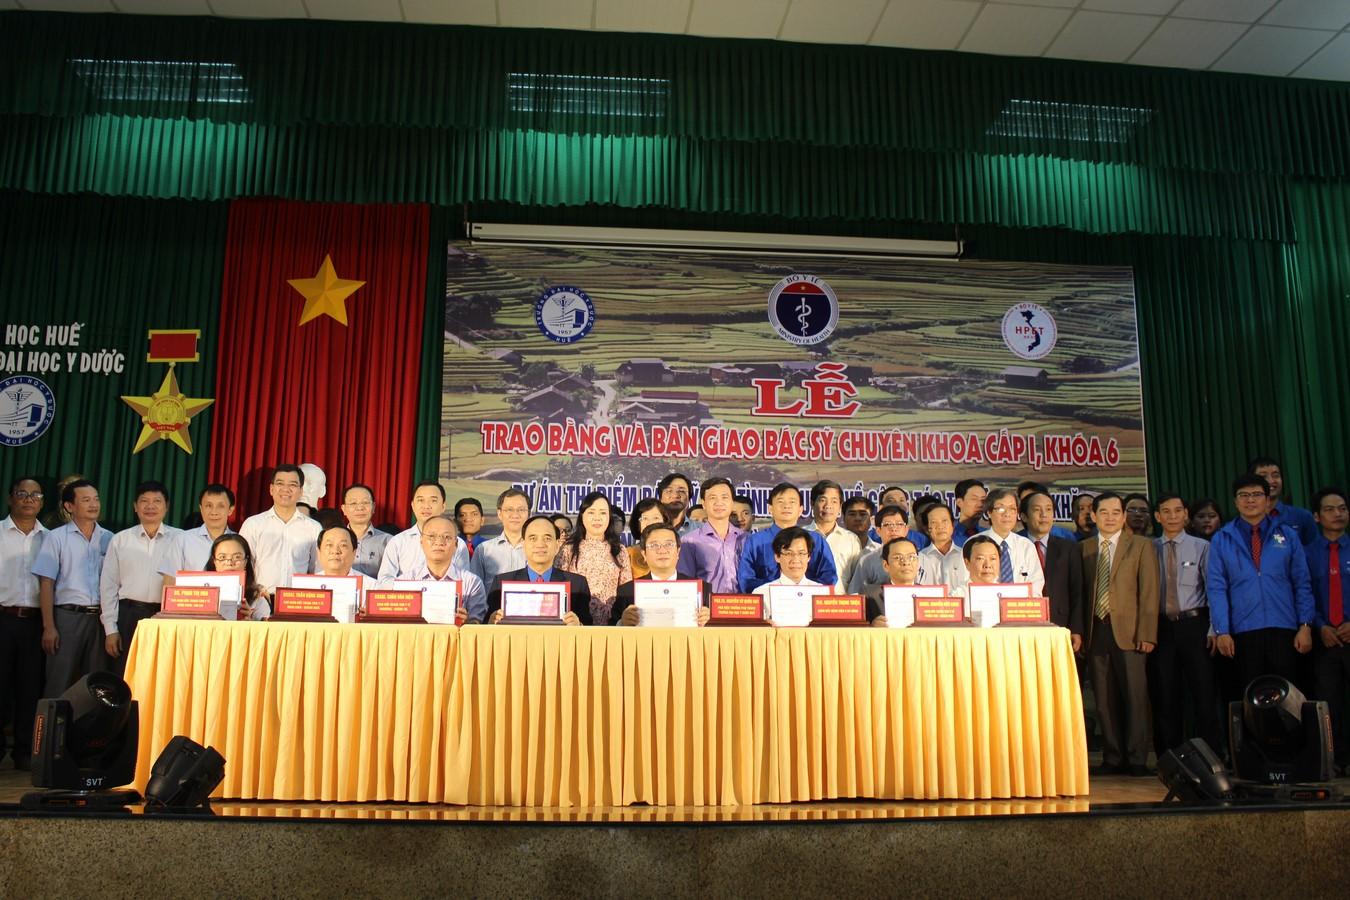 Lễ bàn giao bác sỹ trẻ tình nguyện khu vực Miền trung, Tây Nguyên